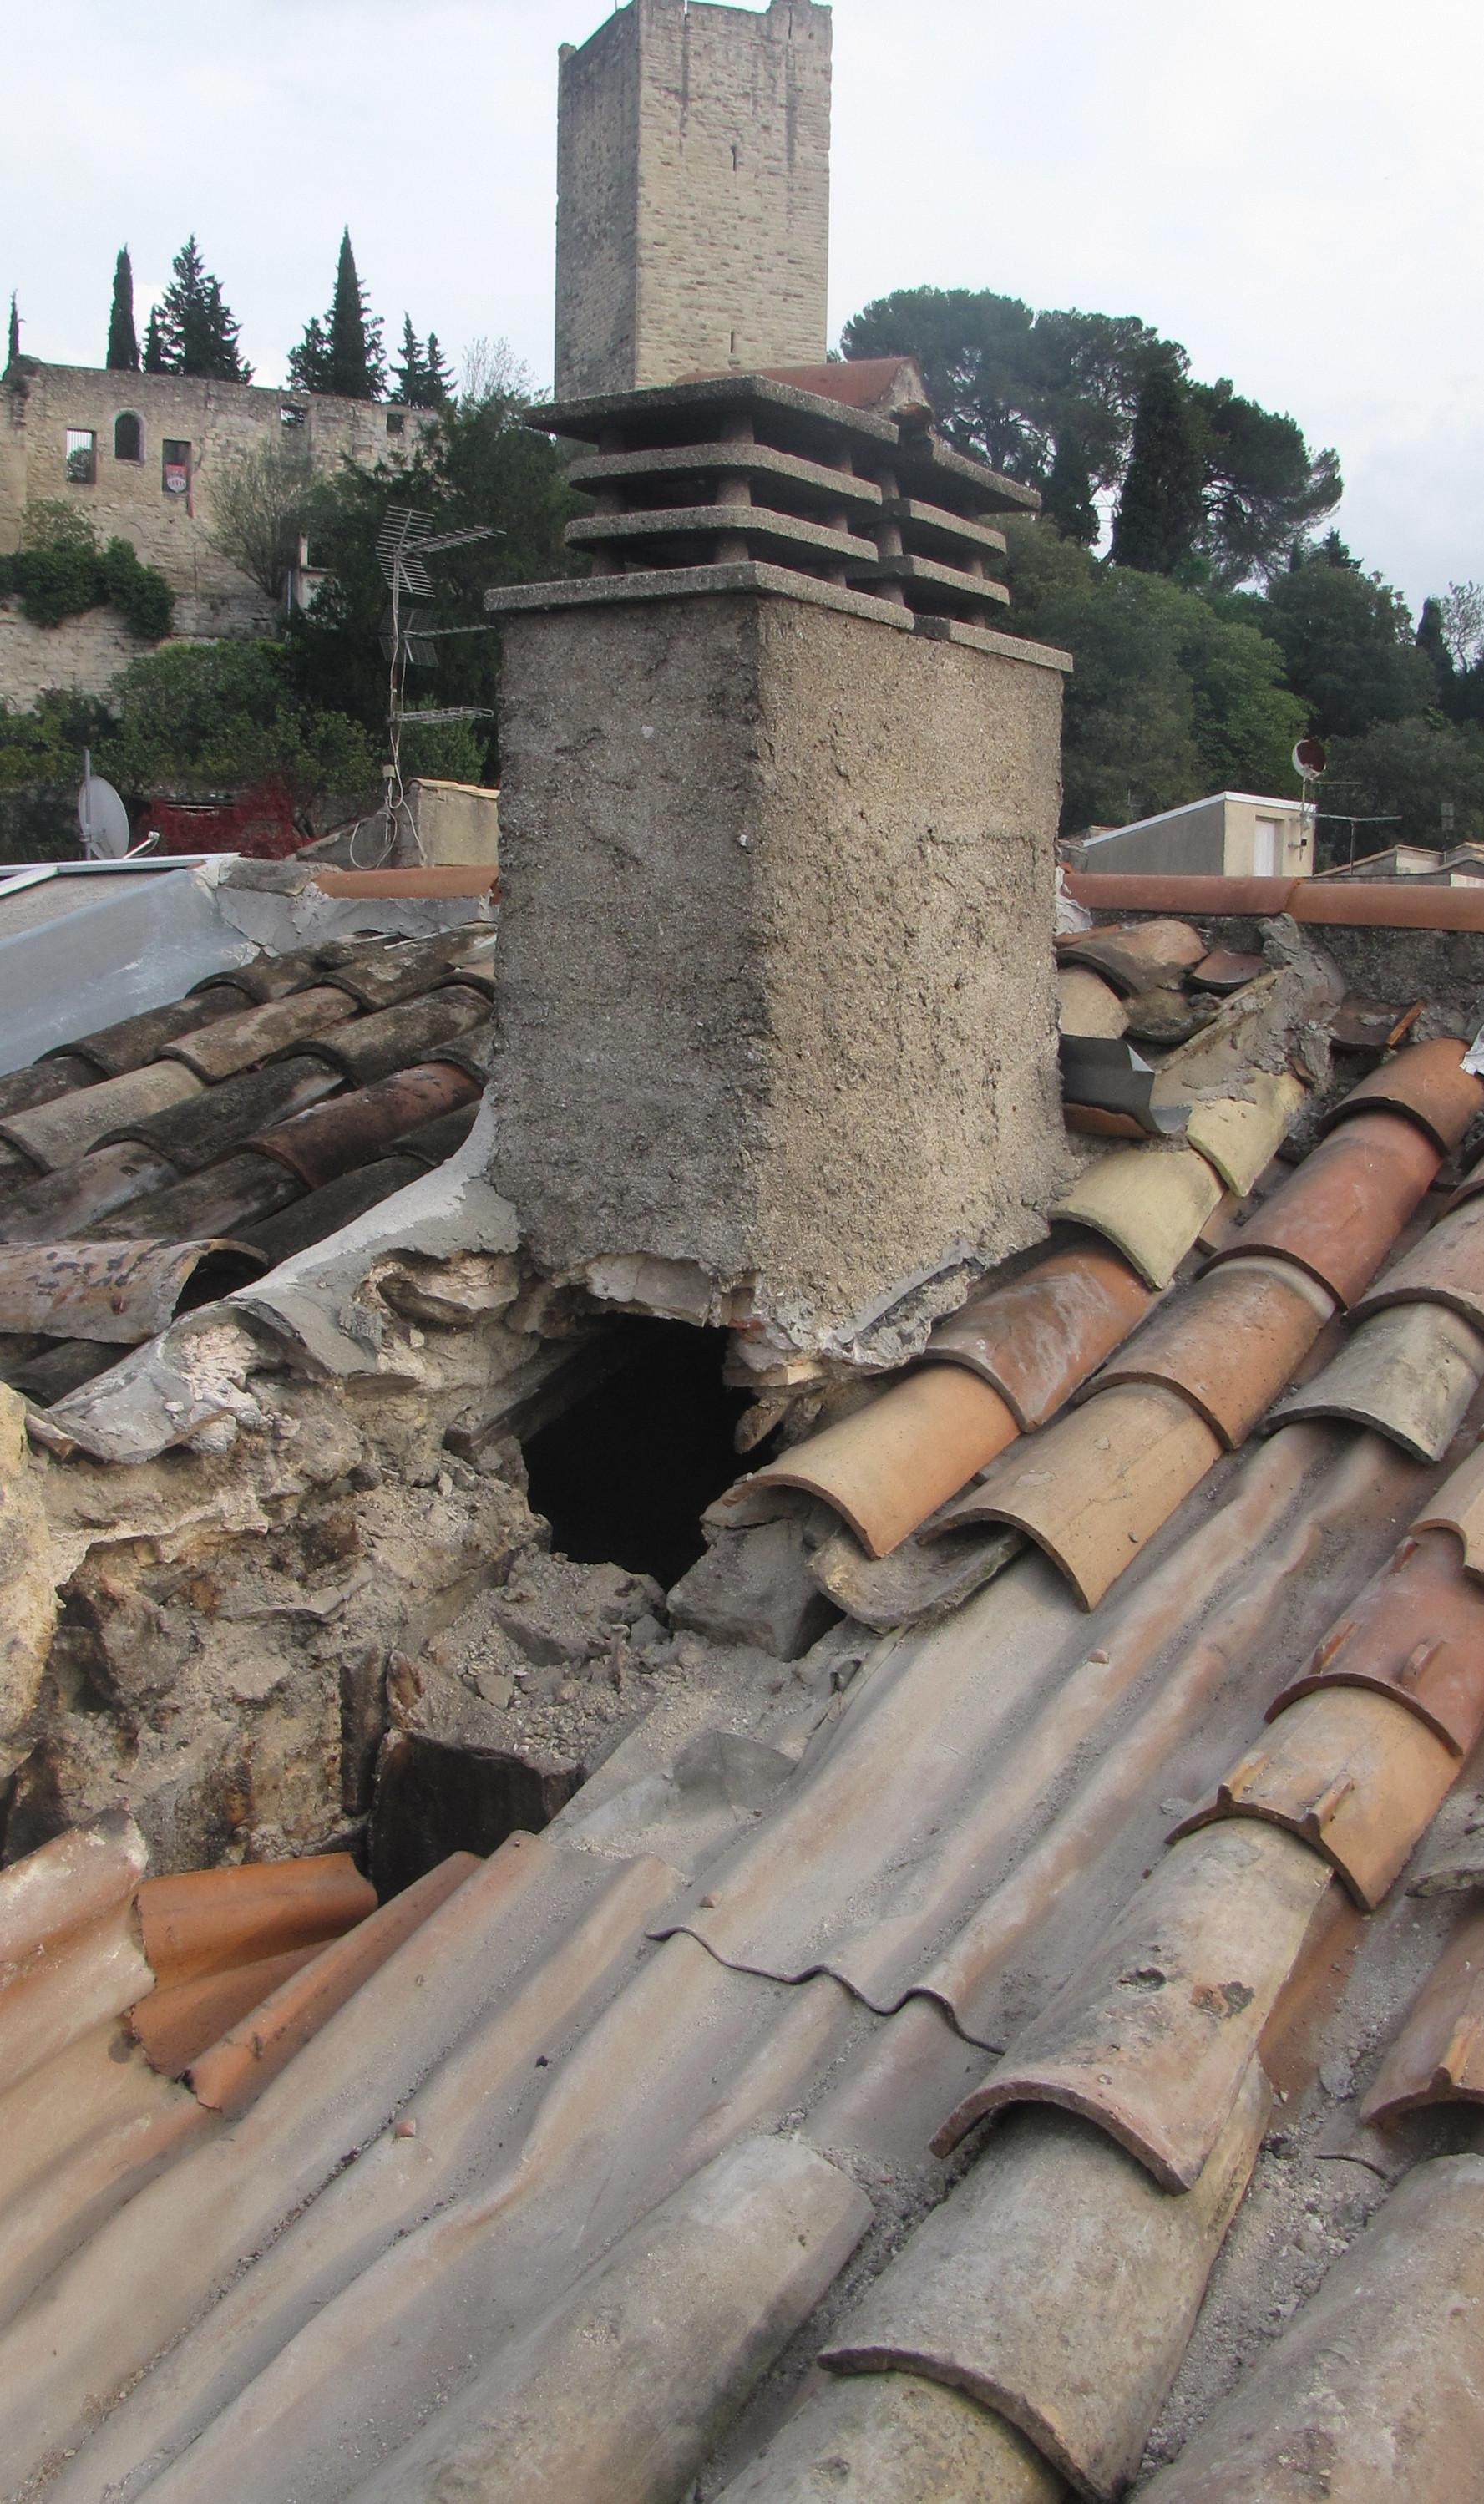 Desportes rénovation Gard, restauration pied de cheminée, du solin et réfection de la toiture